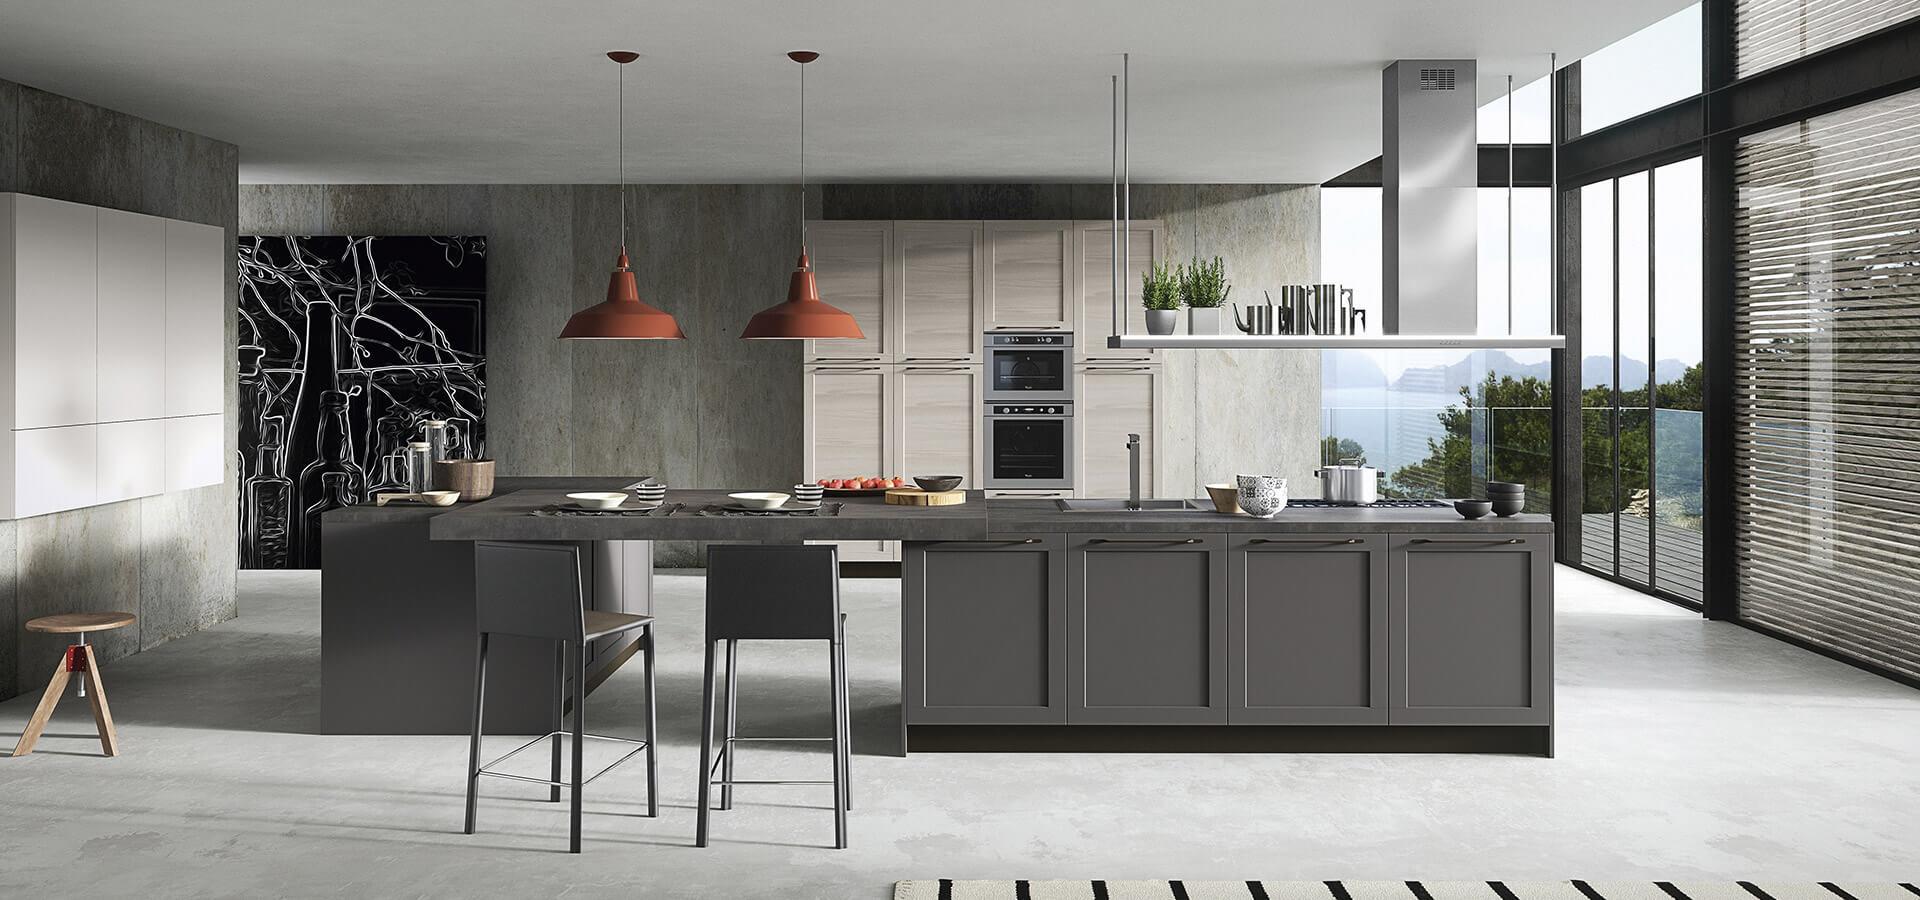 Decoracion de cocinas modernas en zaragoza blunni for Mesas cocina zaragoza